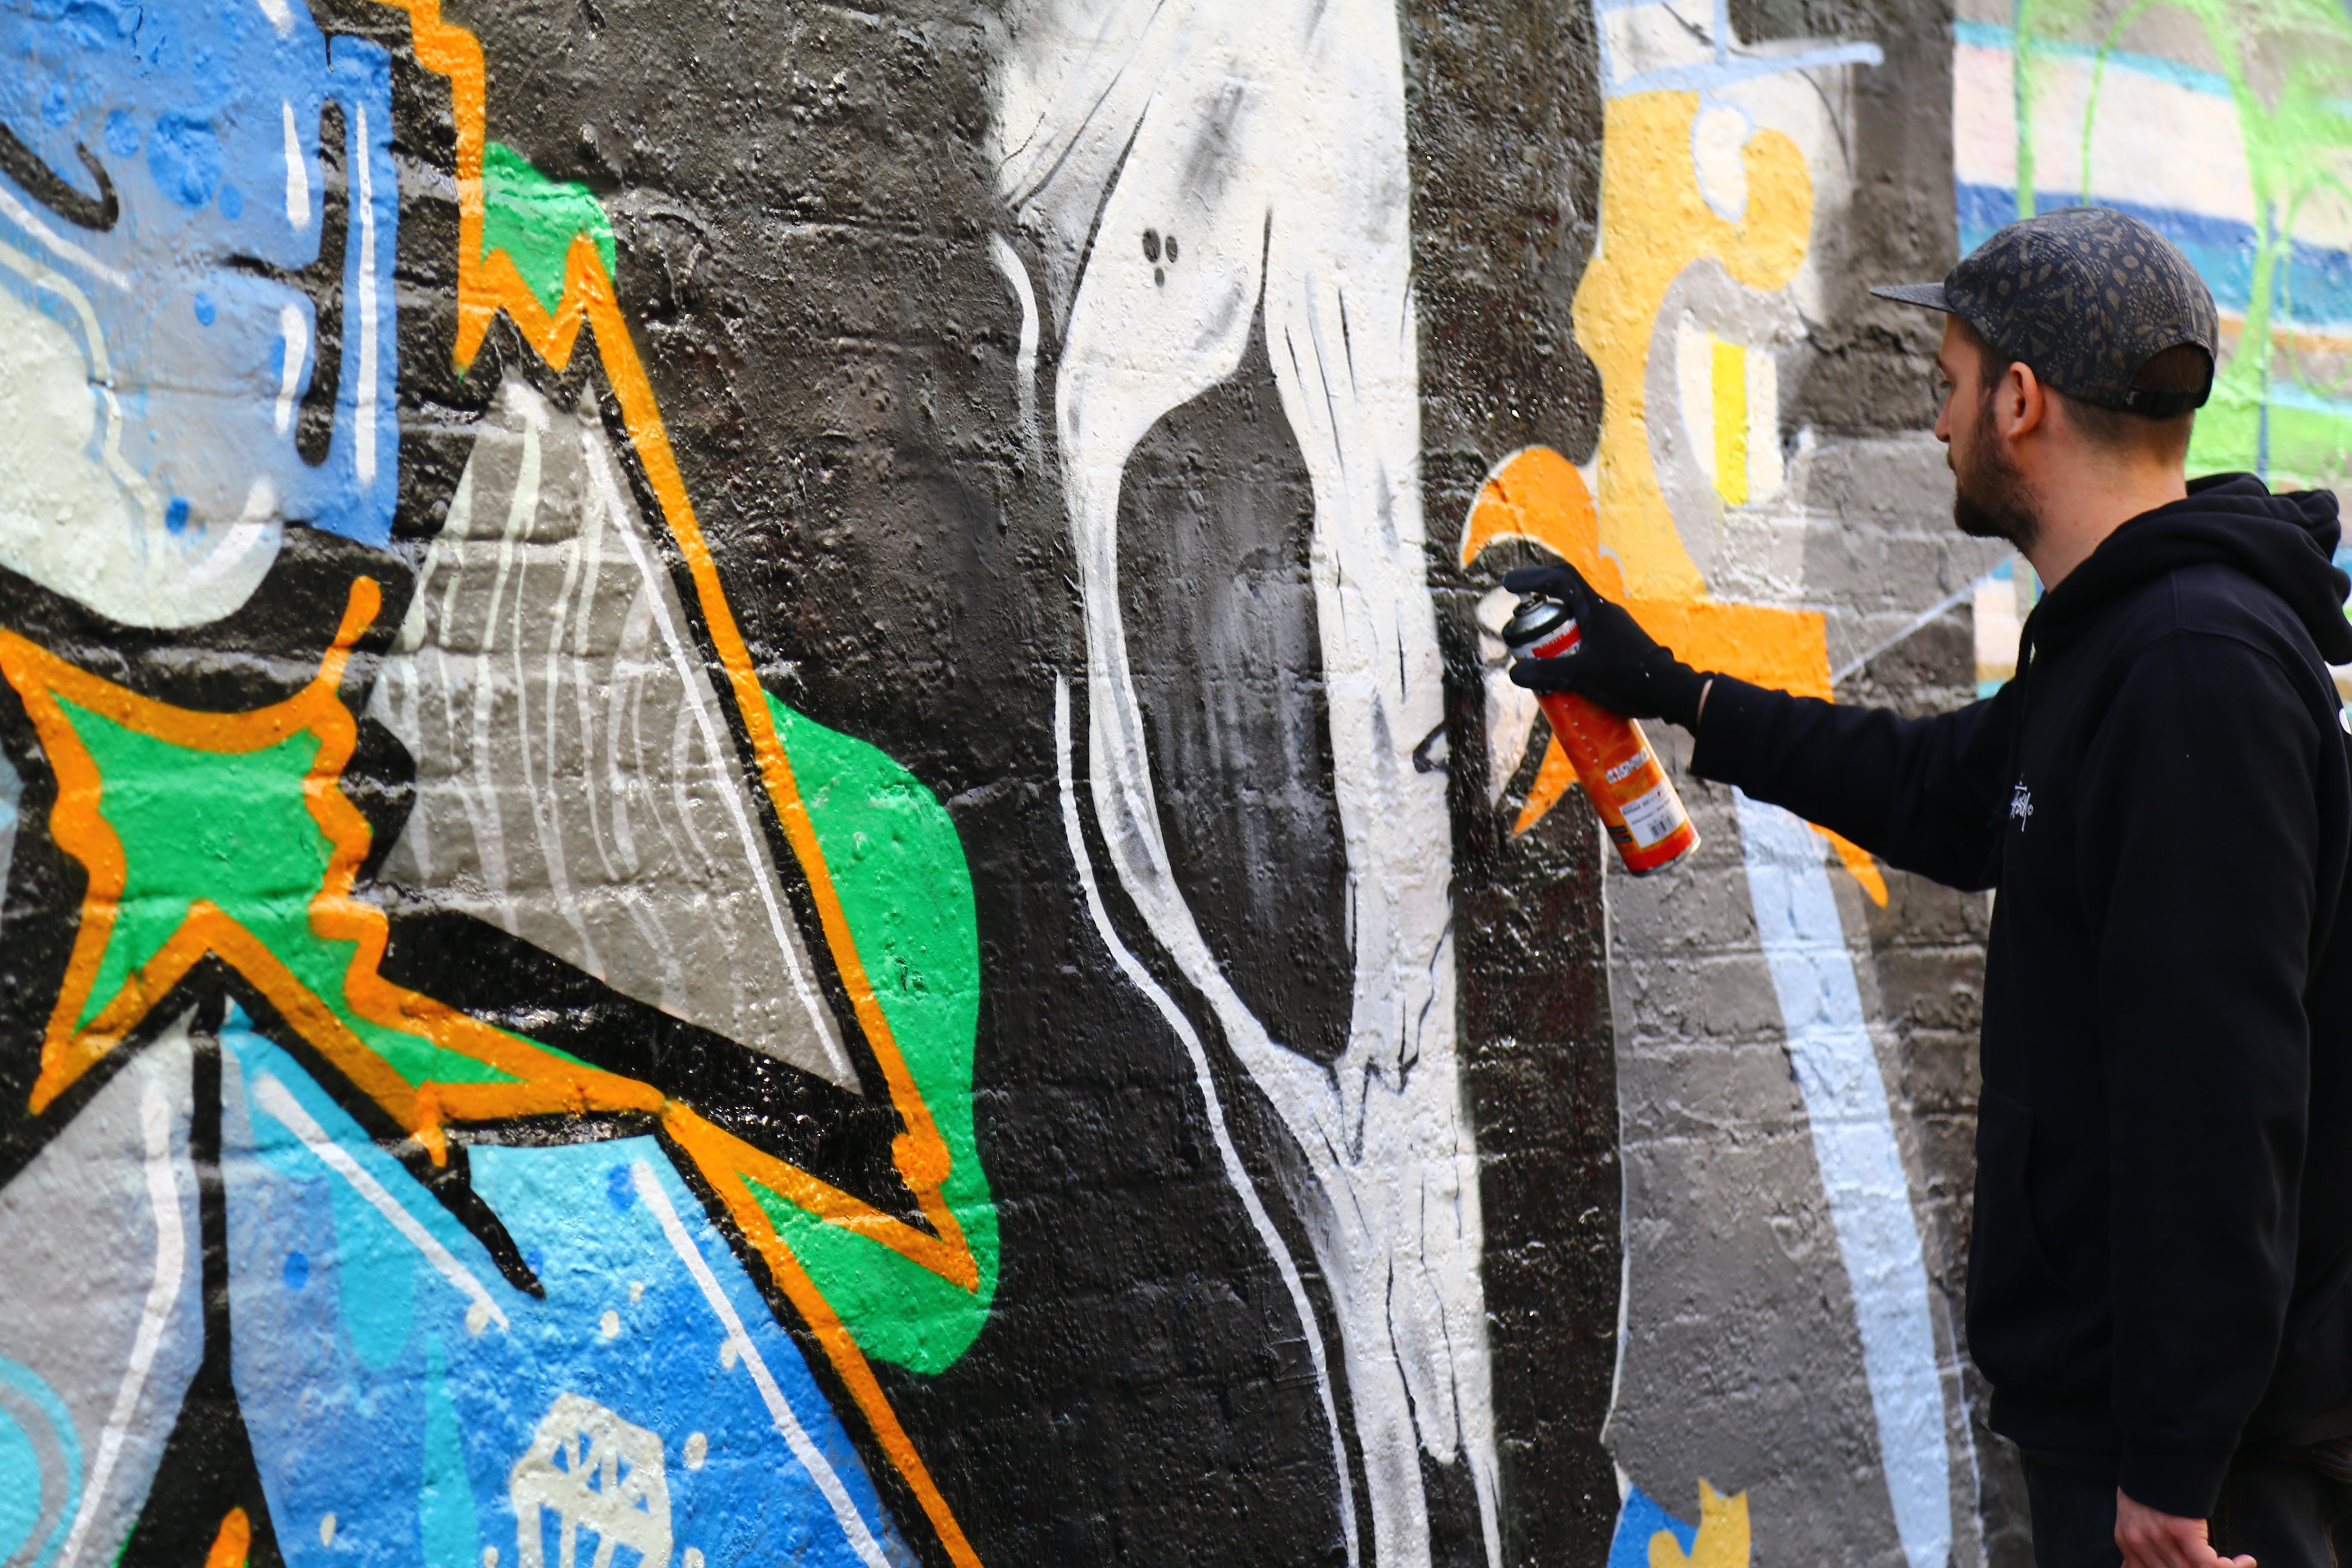 Yokohama graffiti wall - Image Image